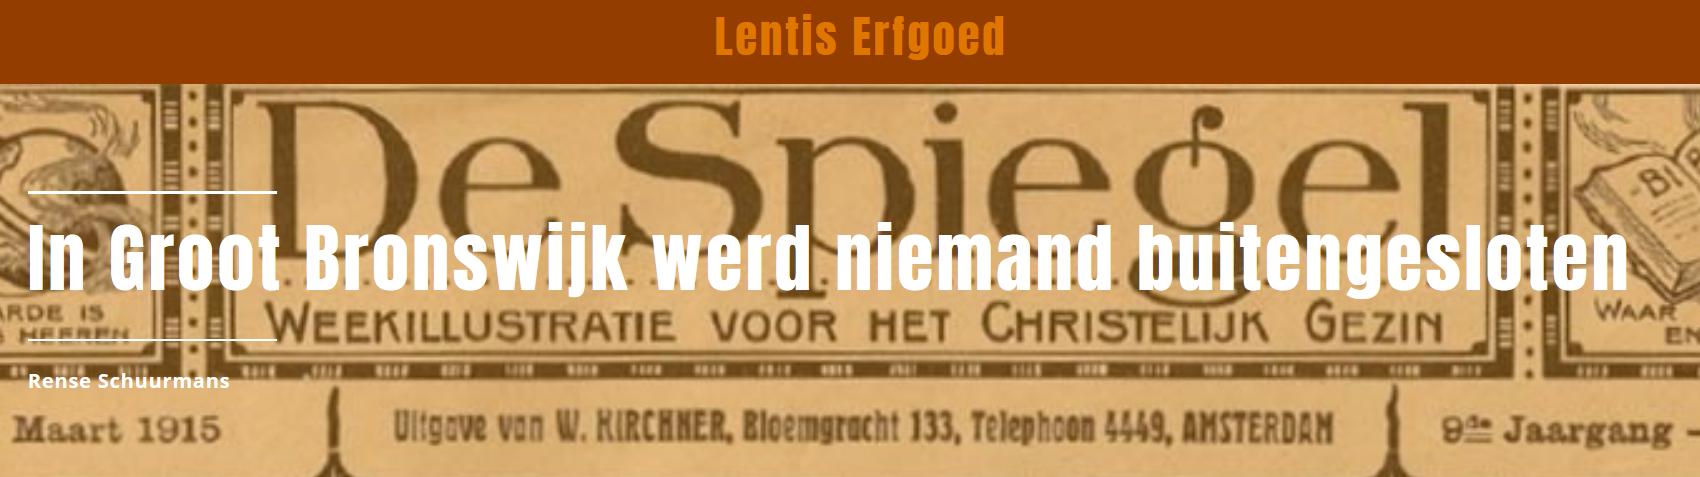 2019-1 - Fragment Lentis Magazine.1